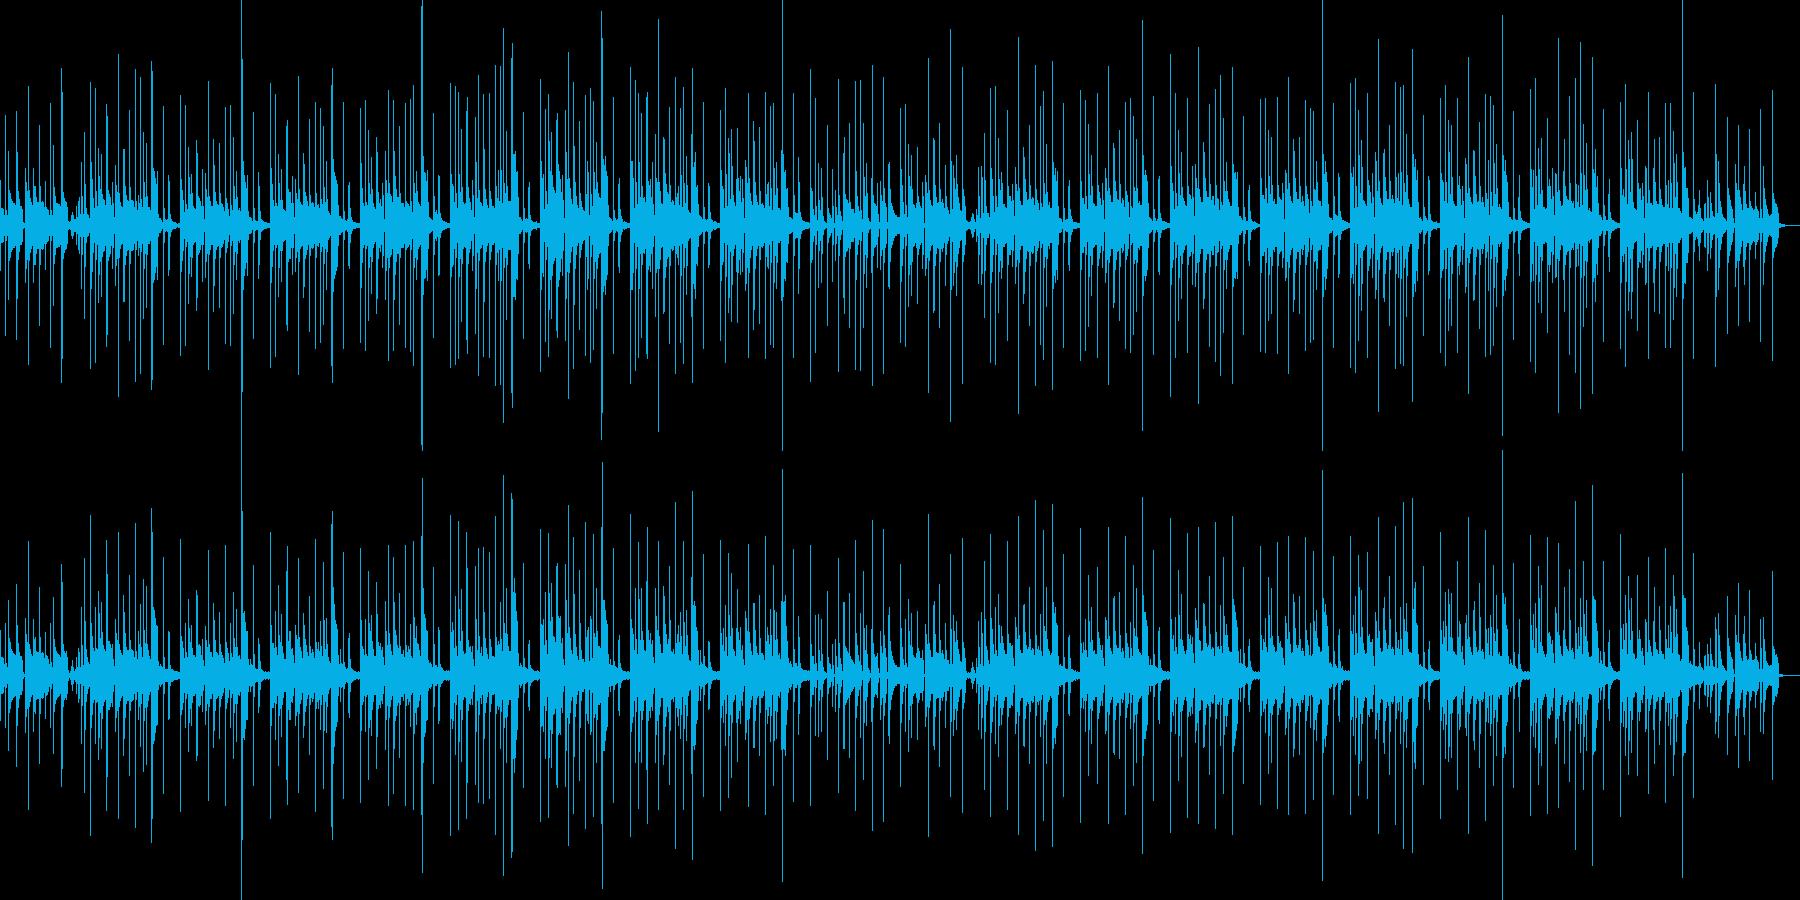 シンキングタイム ループ仕様の再生済みの波形